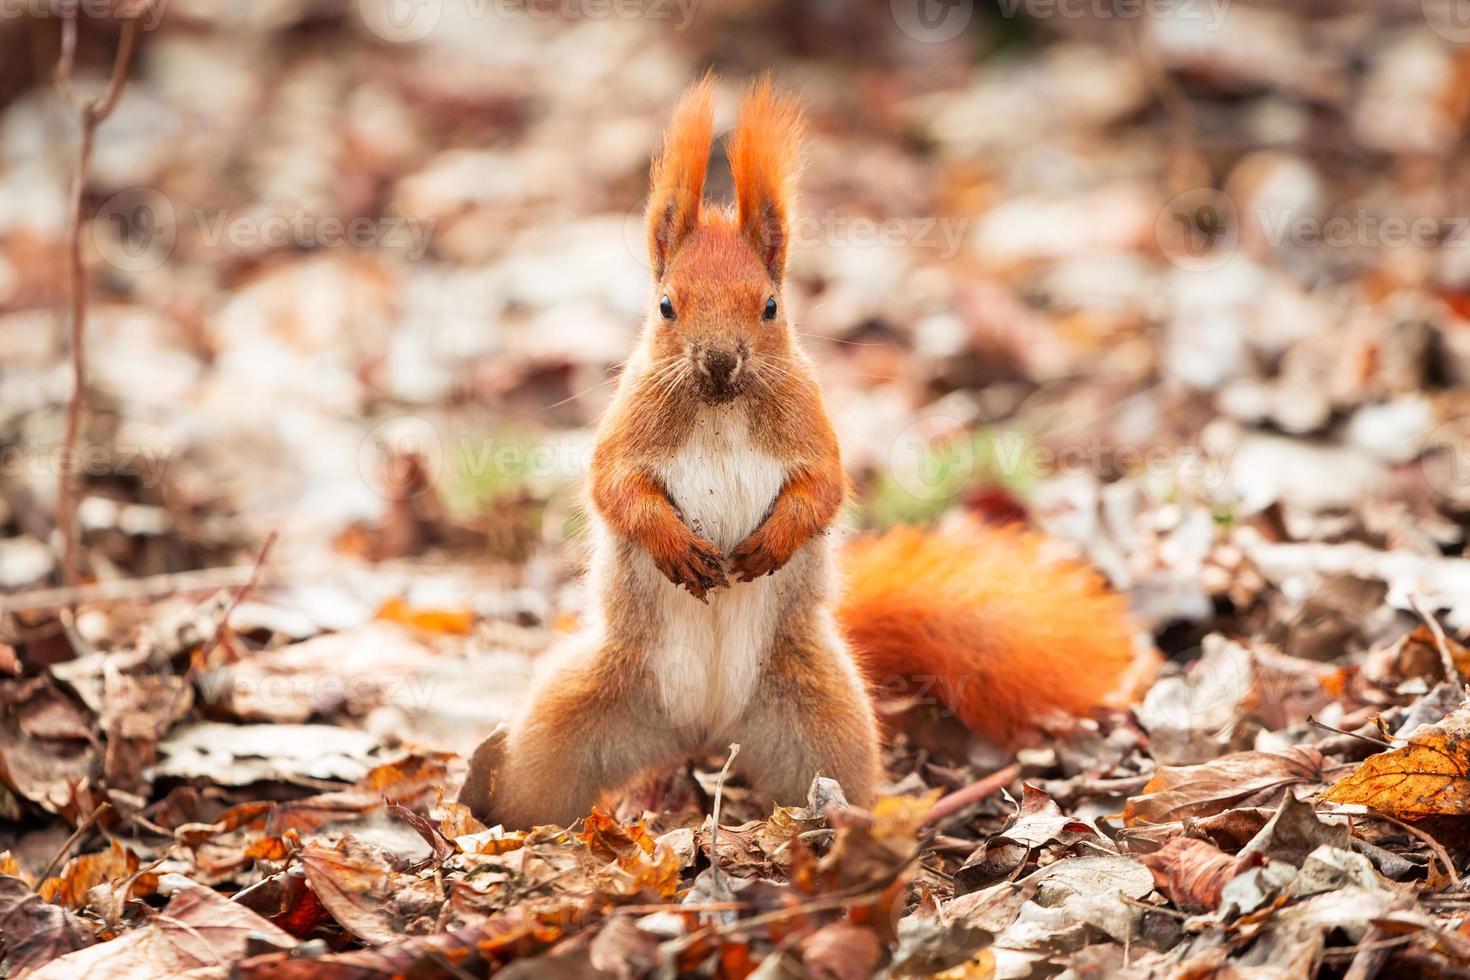 rode eekhoorn in het park foto